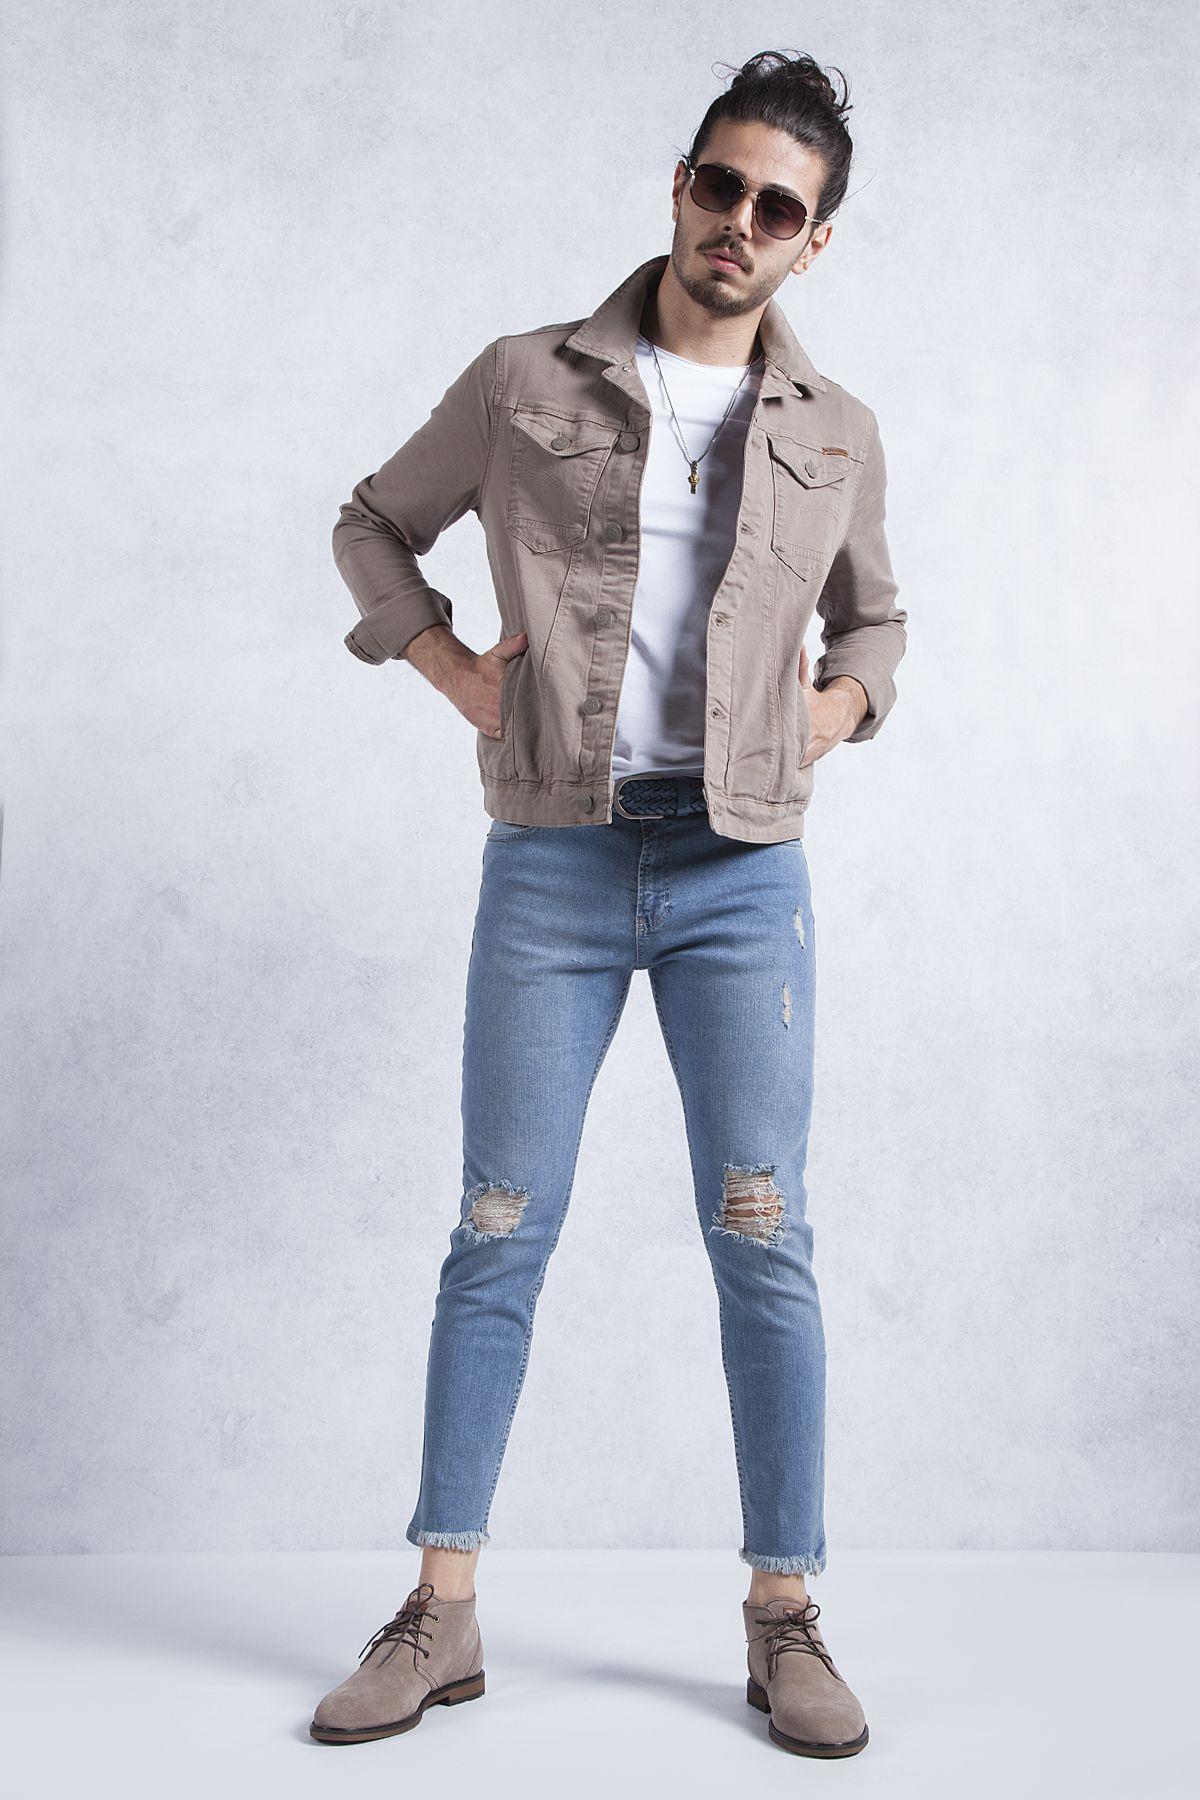 Toprak Renk Kot Ceket Kombini Yirtik Slim Fit Jean Ile Beyaz Bisiklet Yaka T Shirt Toprak Rengi Kot Ceket Olmadan Tamamen Eksik Kalirdi Kot Ceket Kotlar Fit